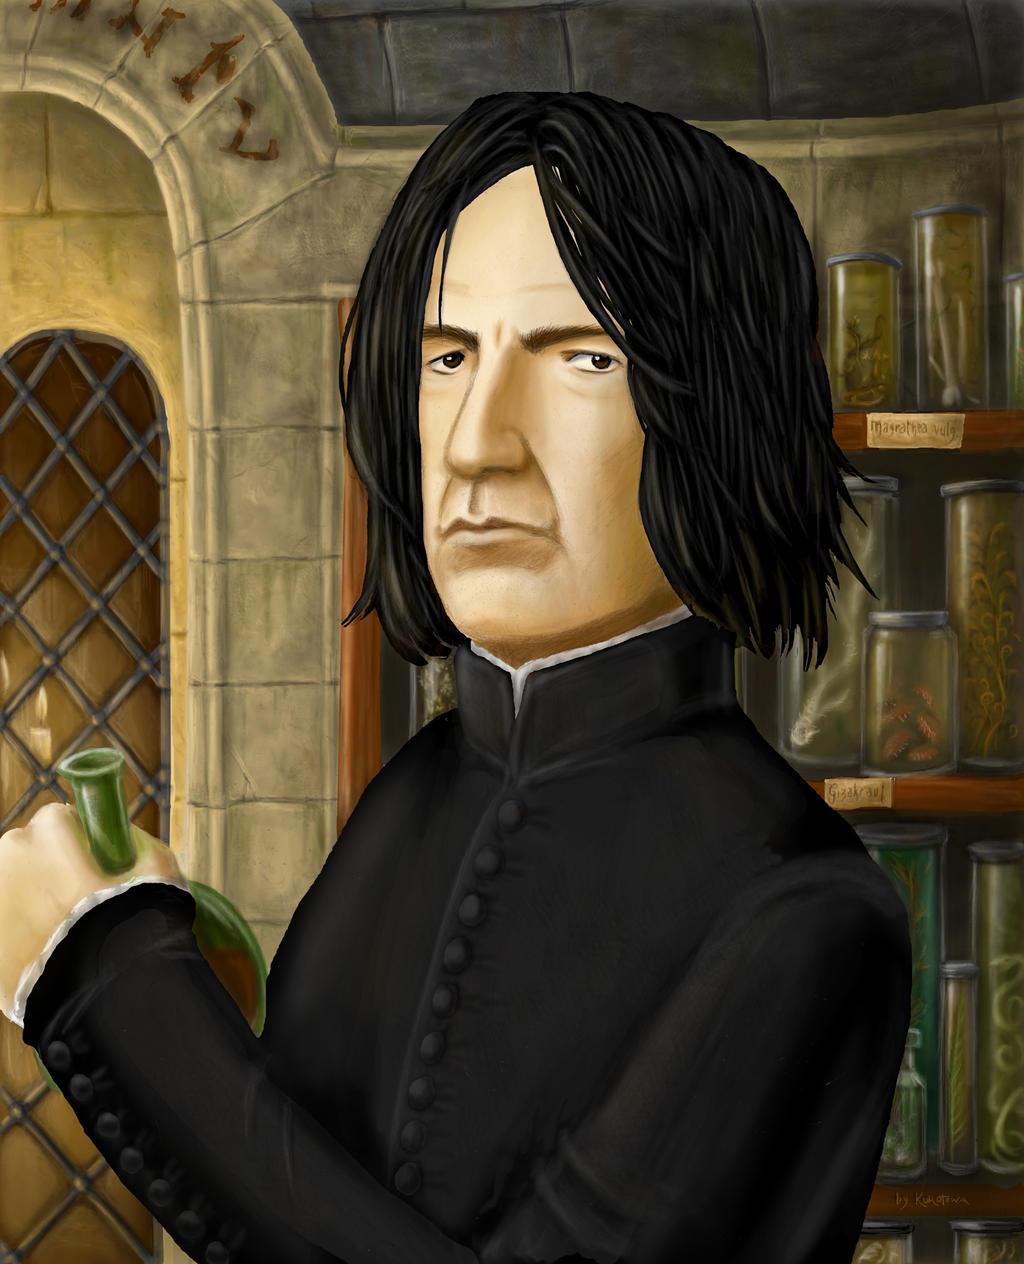 Snape adult fiction